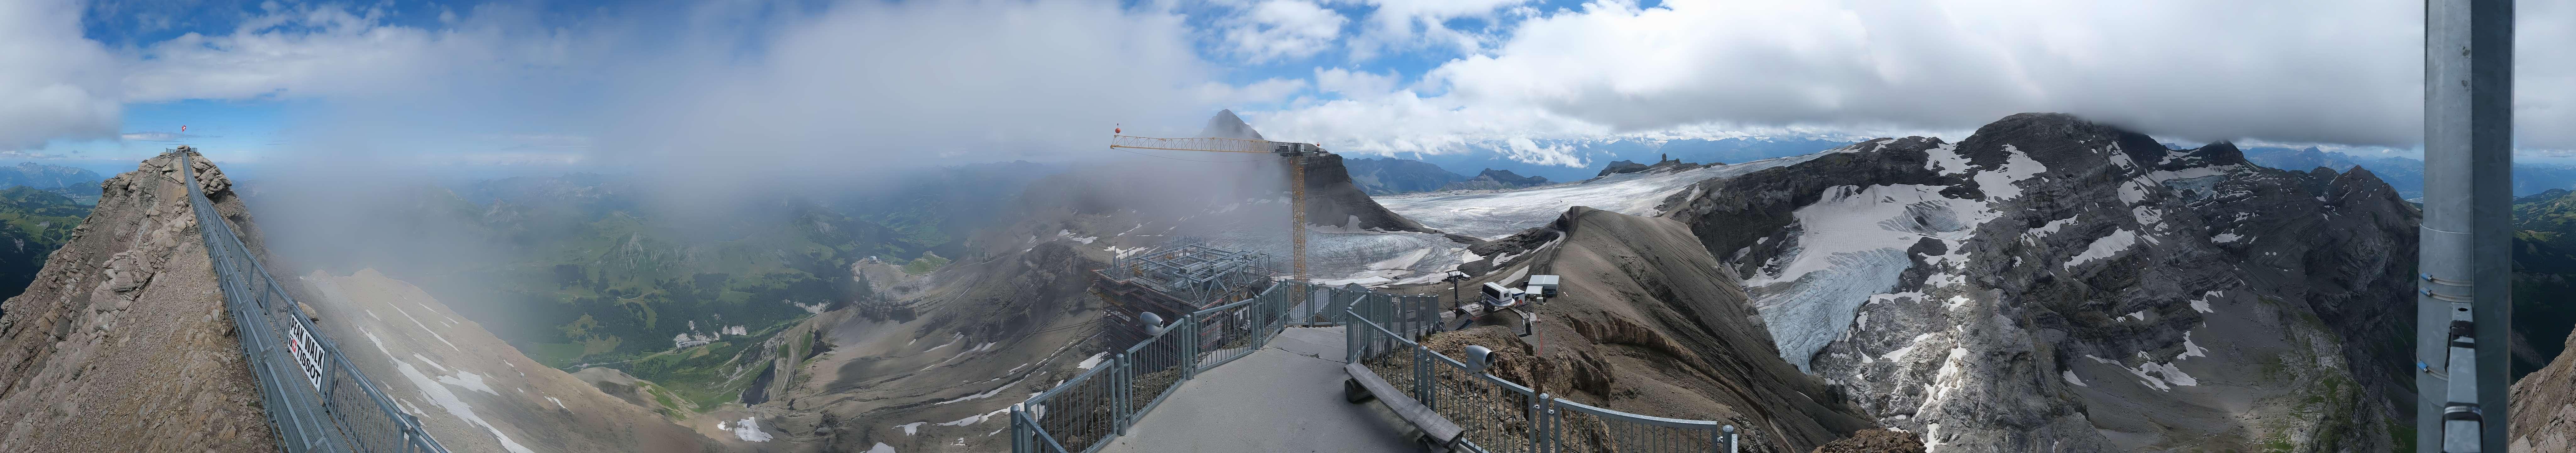 Livecam Les Diablerets, Glacier 3000